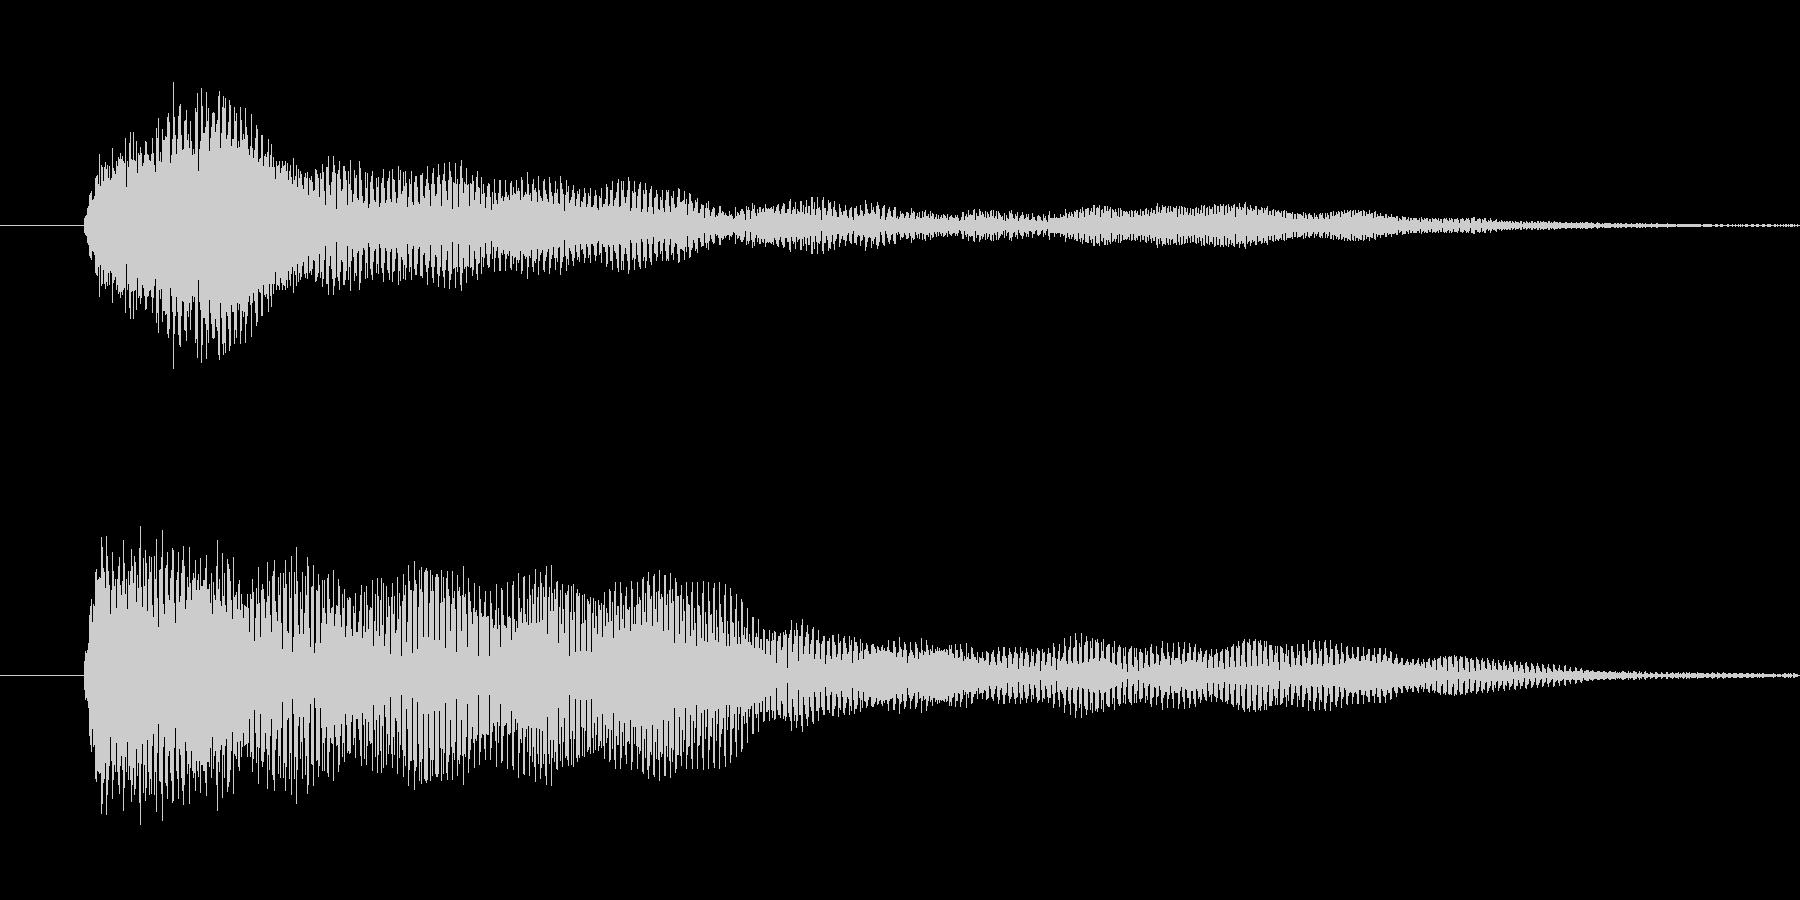 ホラー系 システム音の未再生の波形